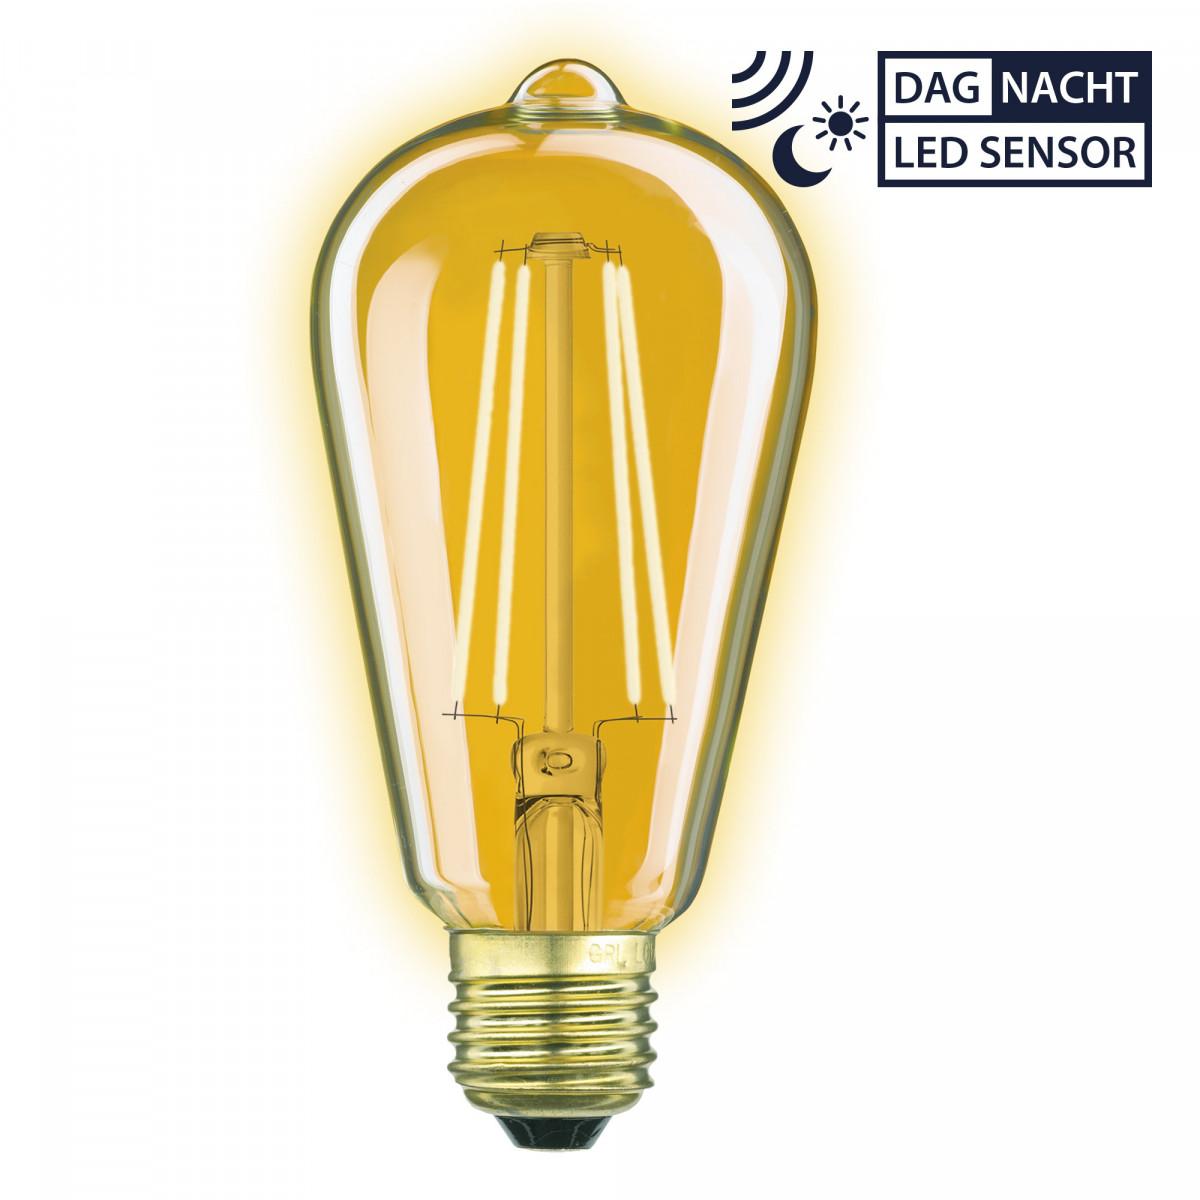 LED lichtbron incl. dag/nachtsensor (5899-LED) - KS Verlichting - Losse Sensoren en Bewegingsmelders